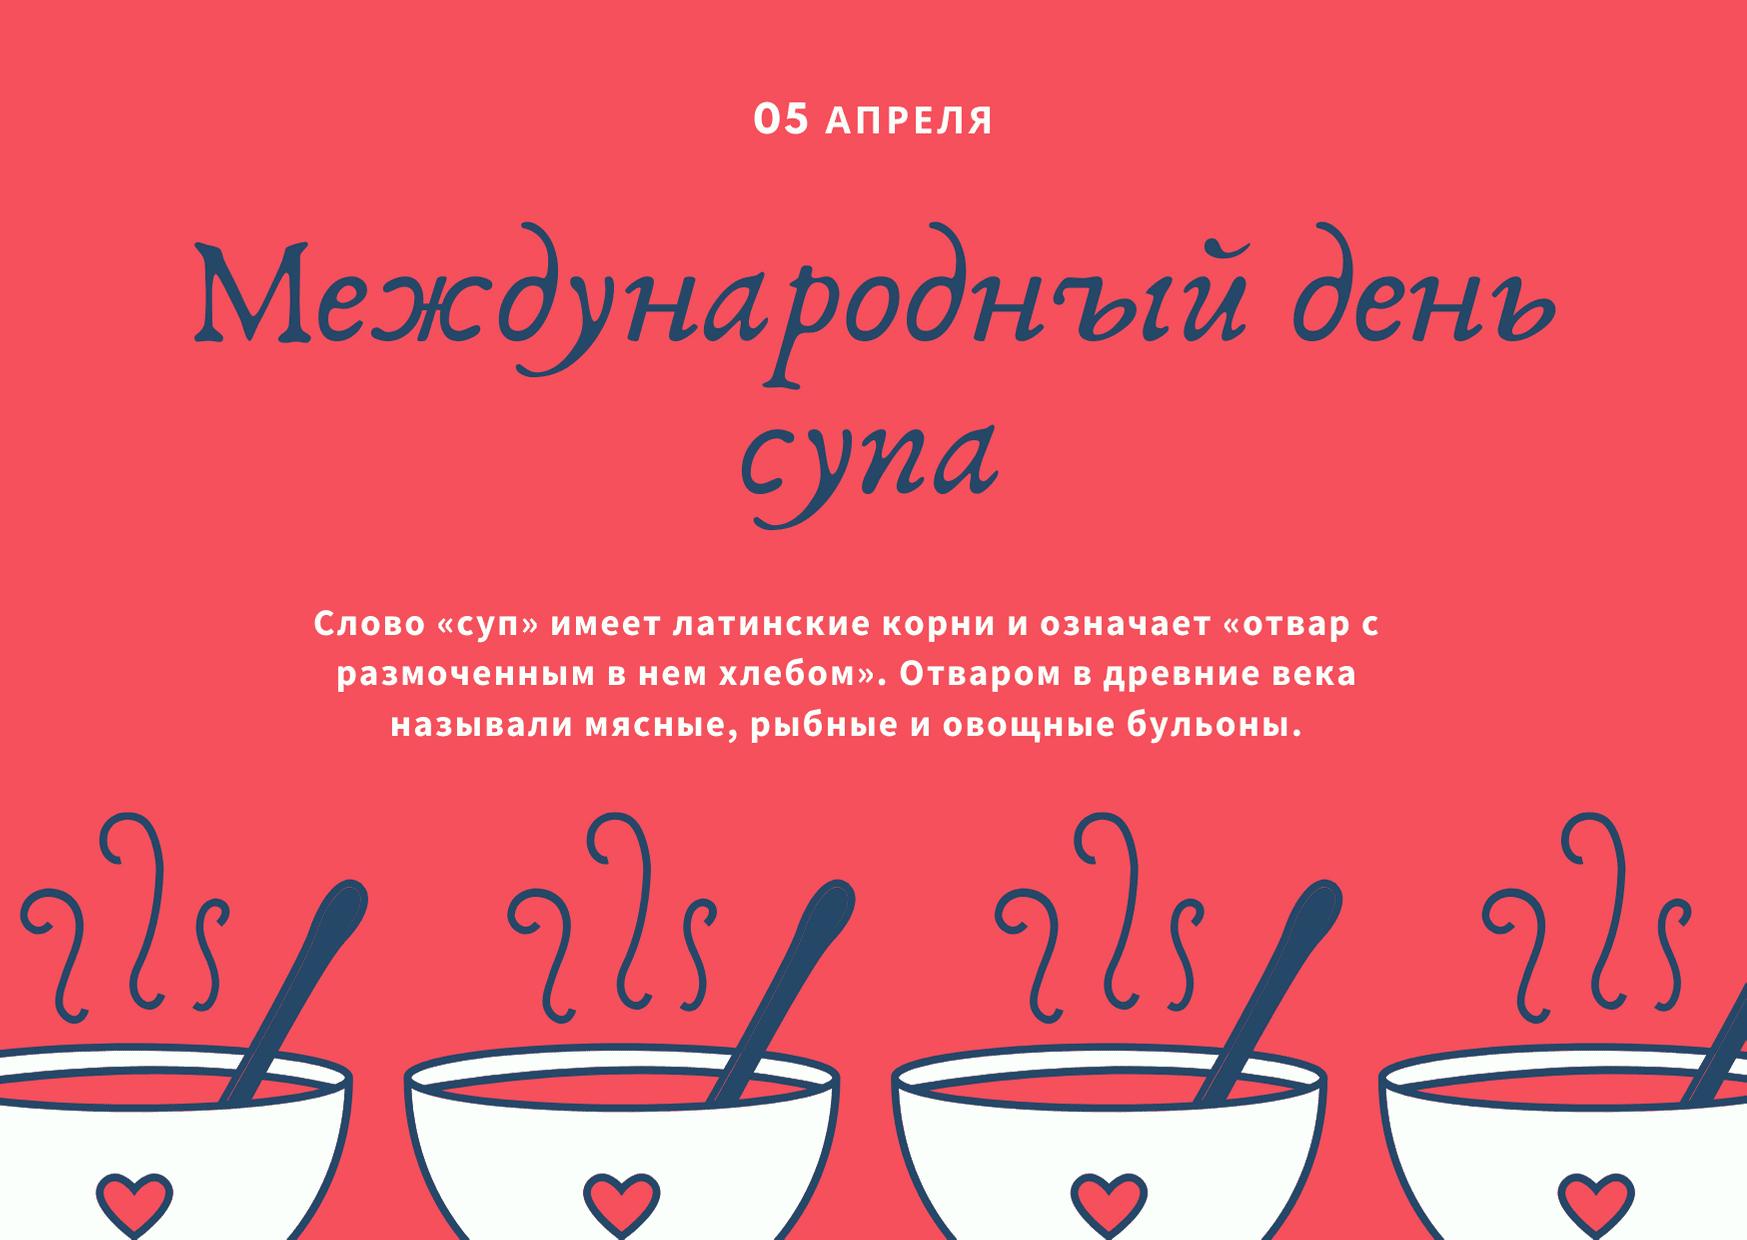 Международный день супа. 5 апреля